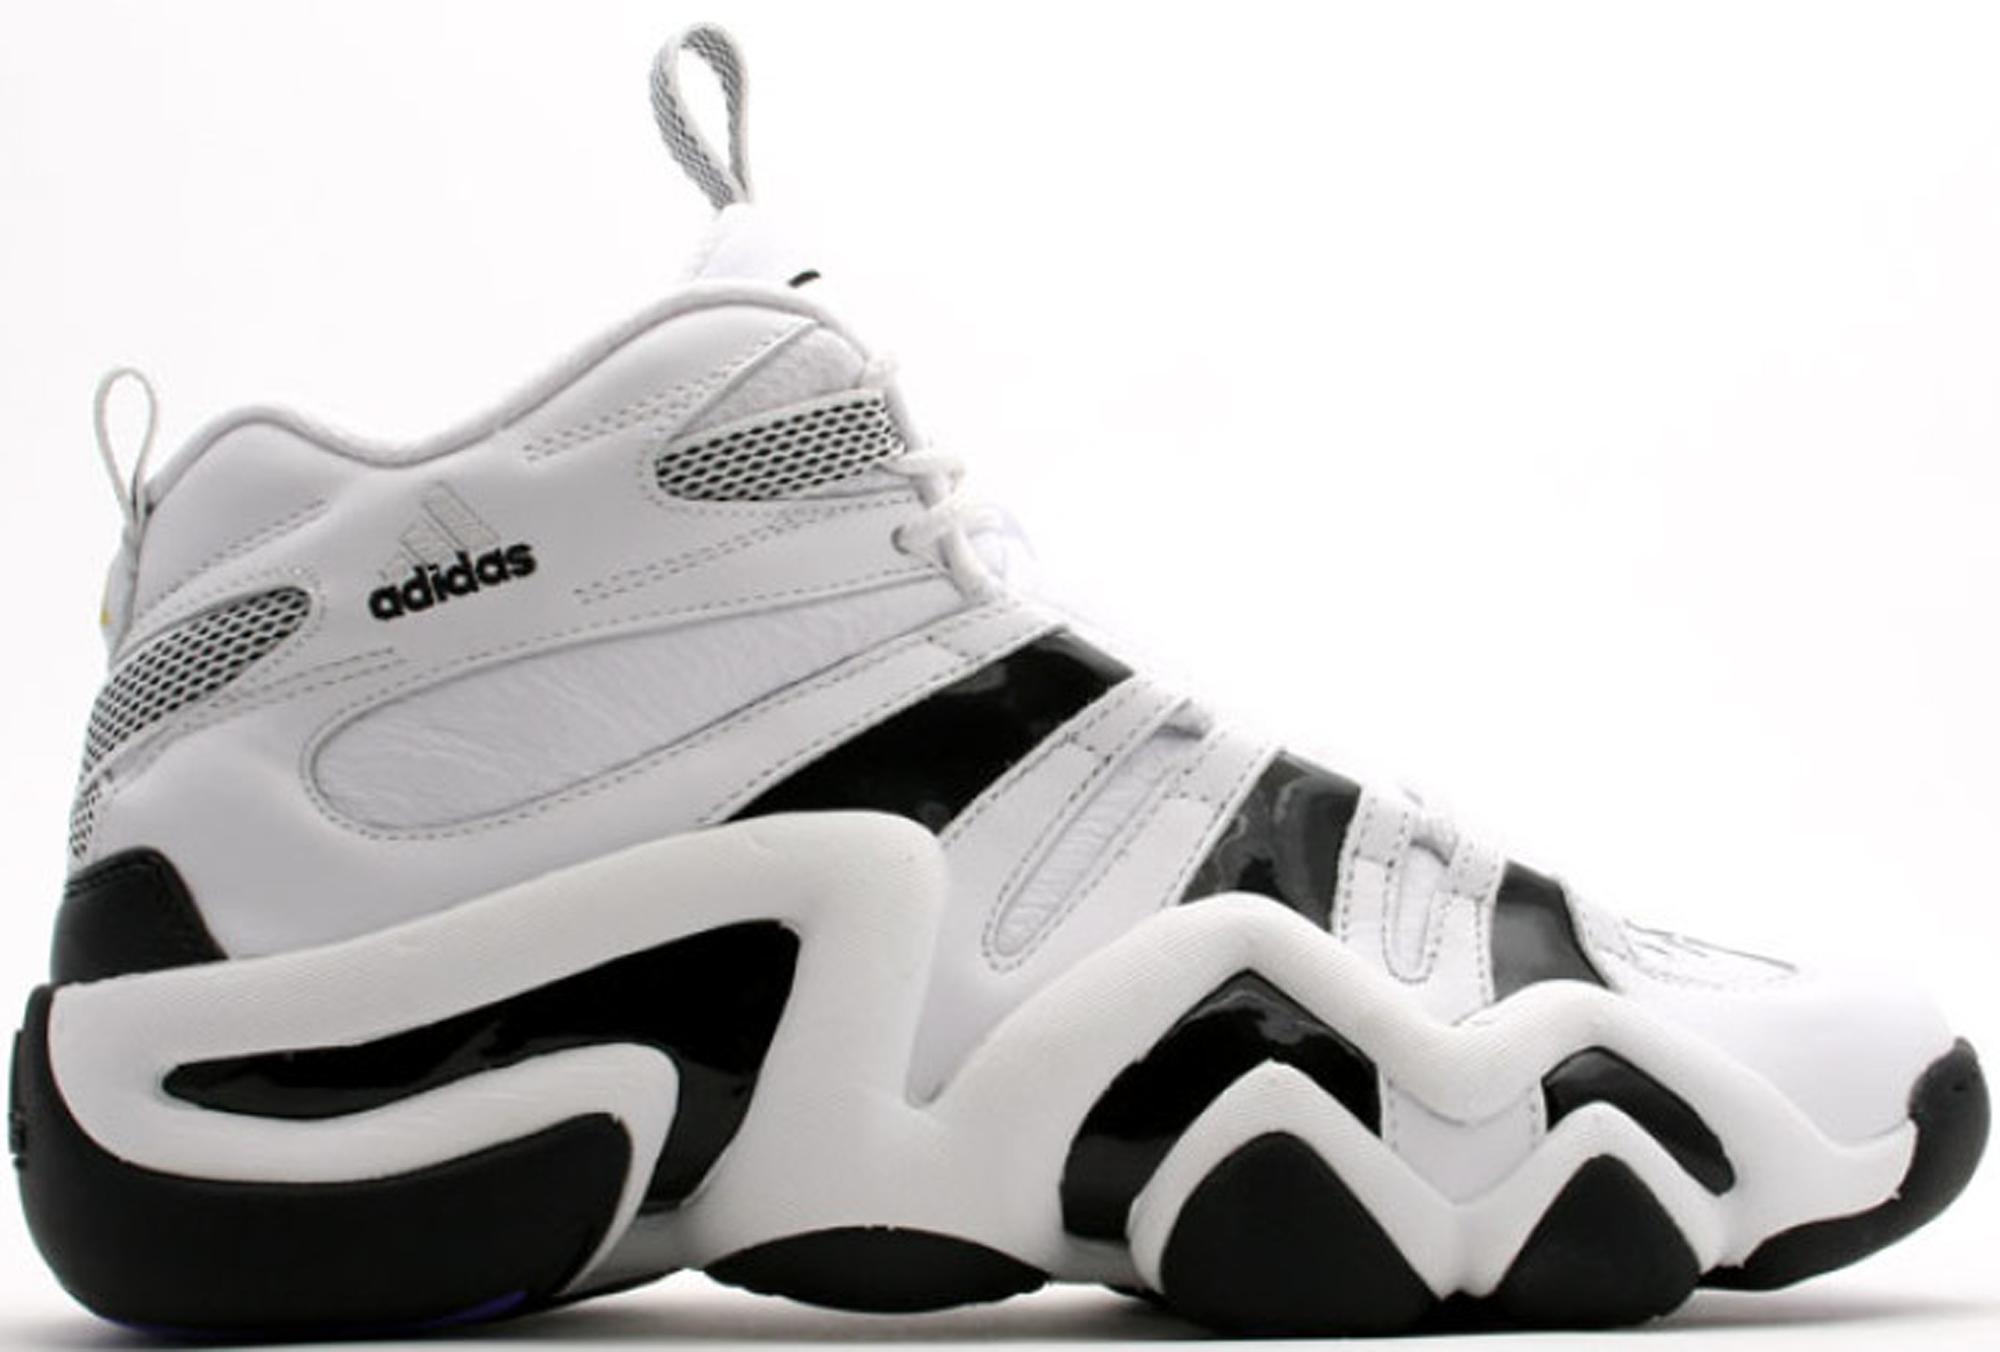 adidas 8. adidas crazy 8 white black e